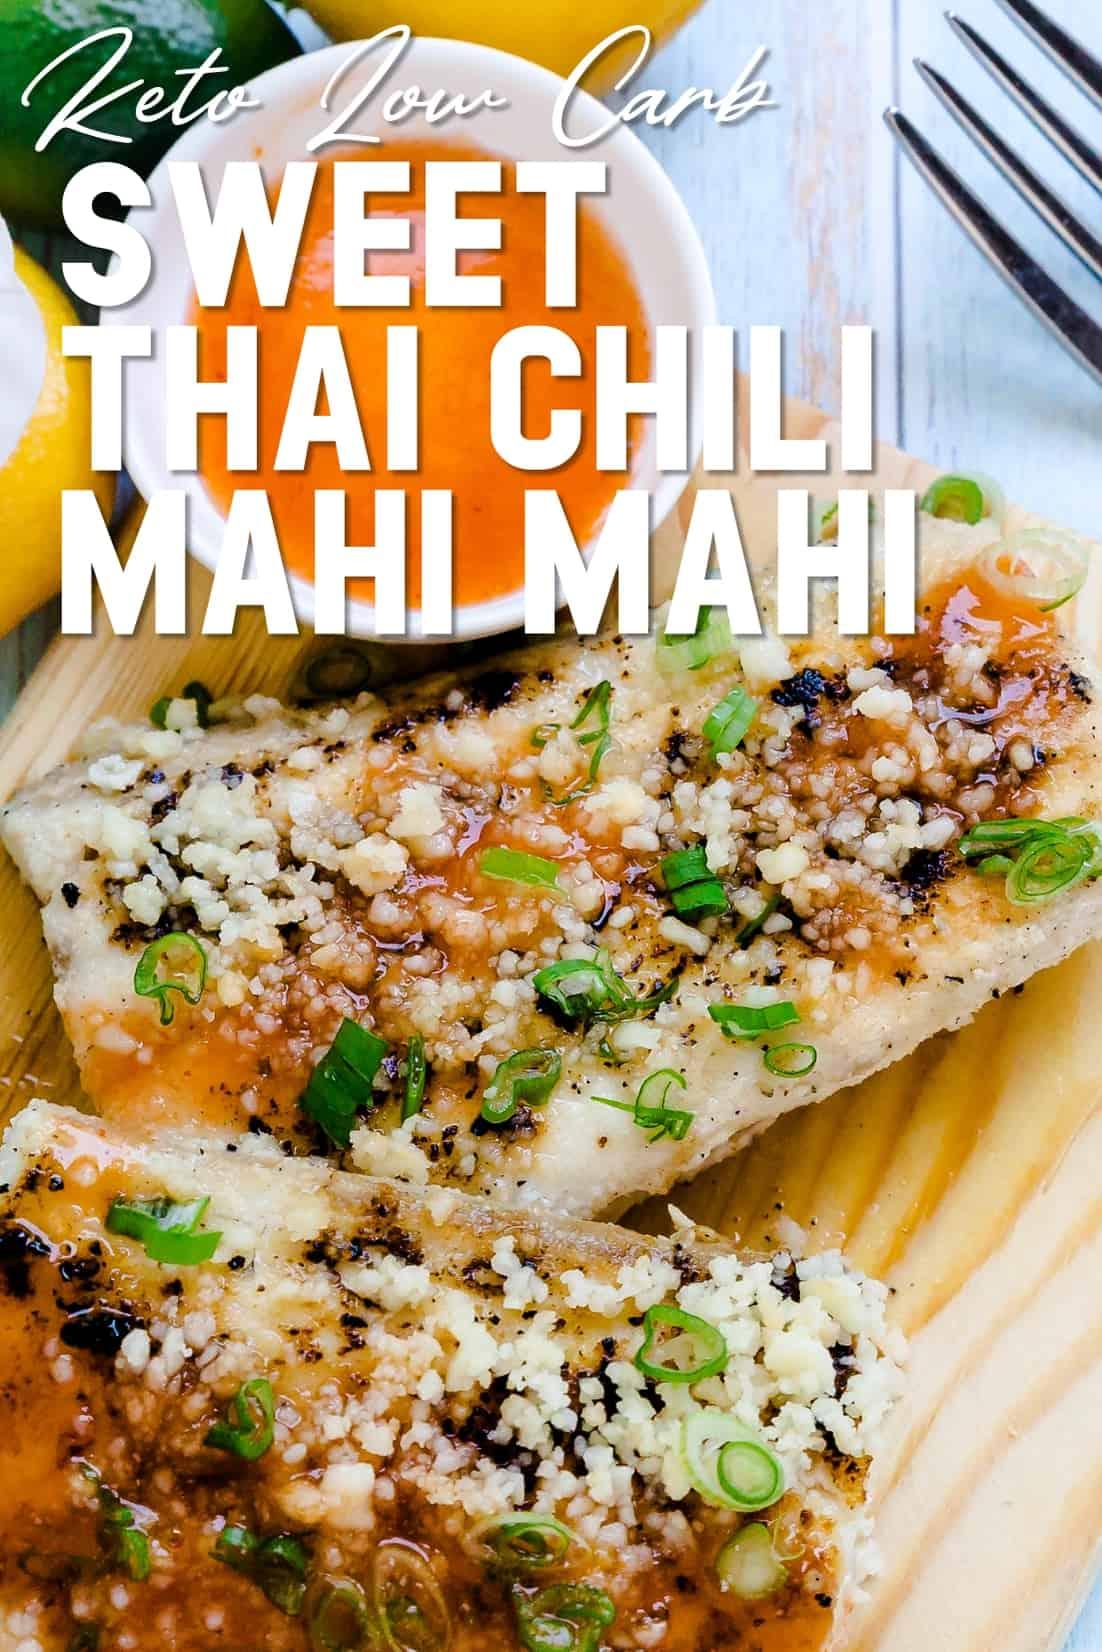 Keto Low Carb Sweet Thai Chili Mahi Mahi